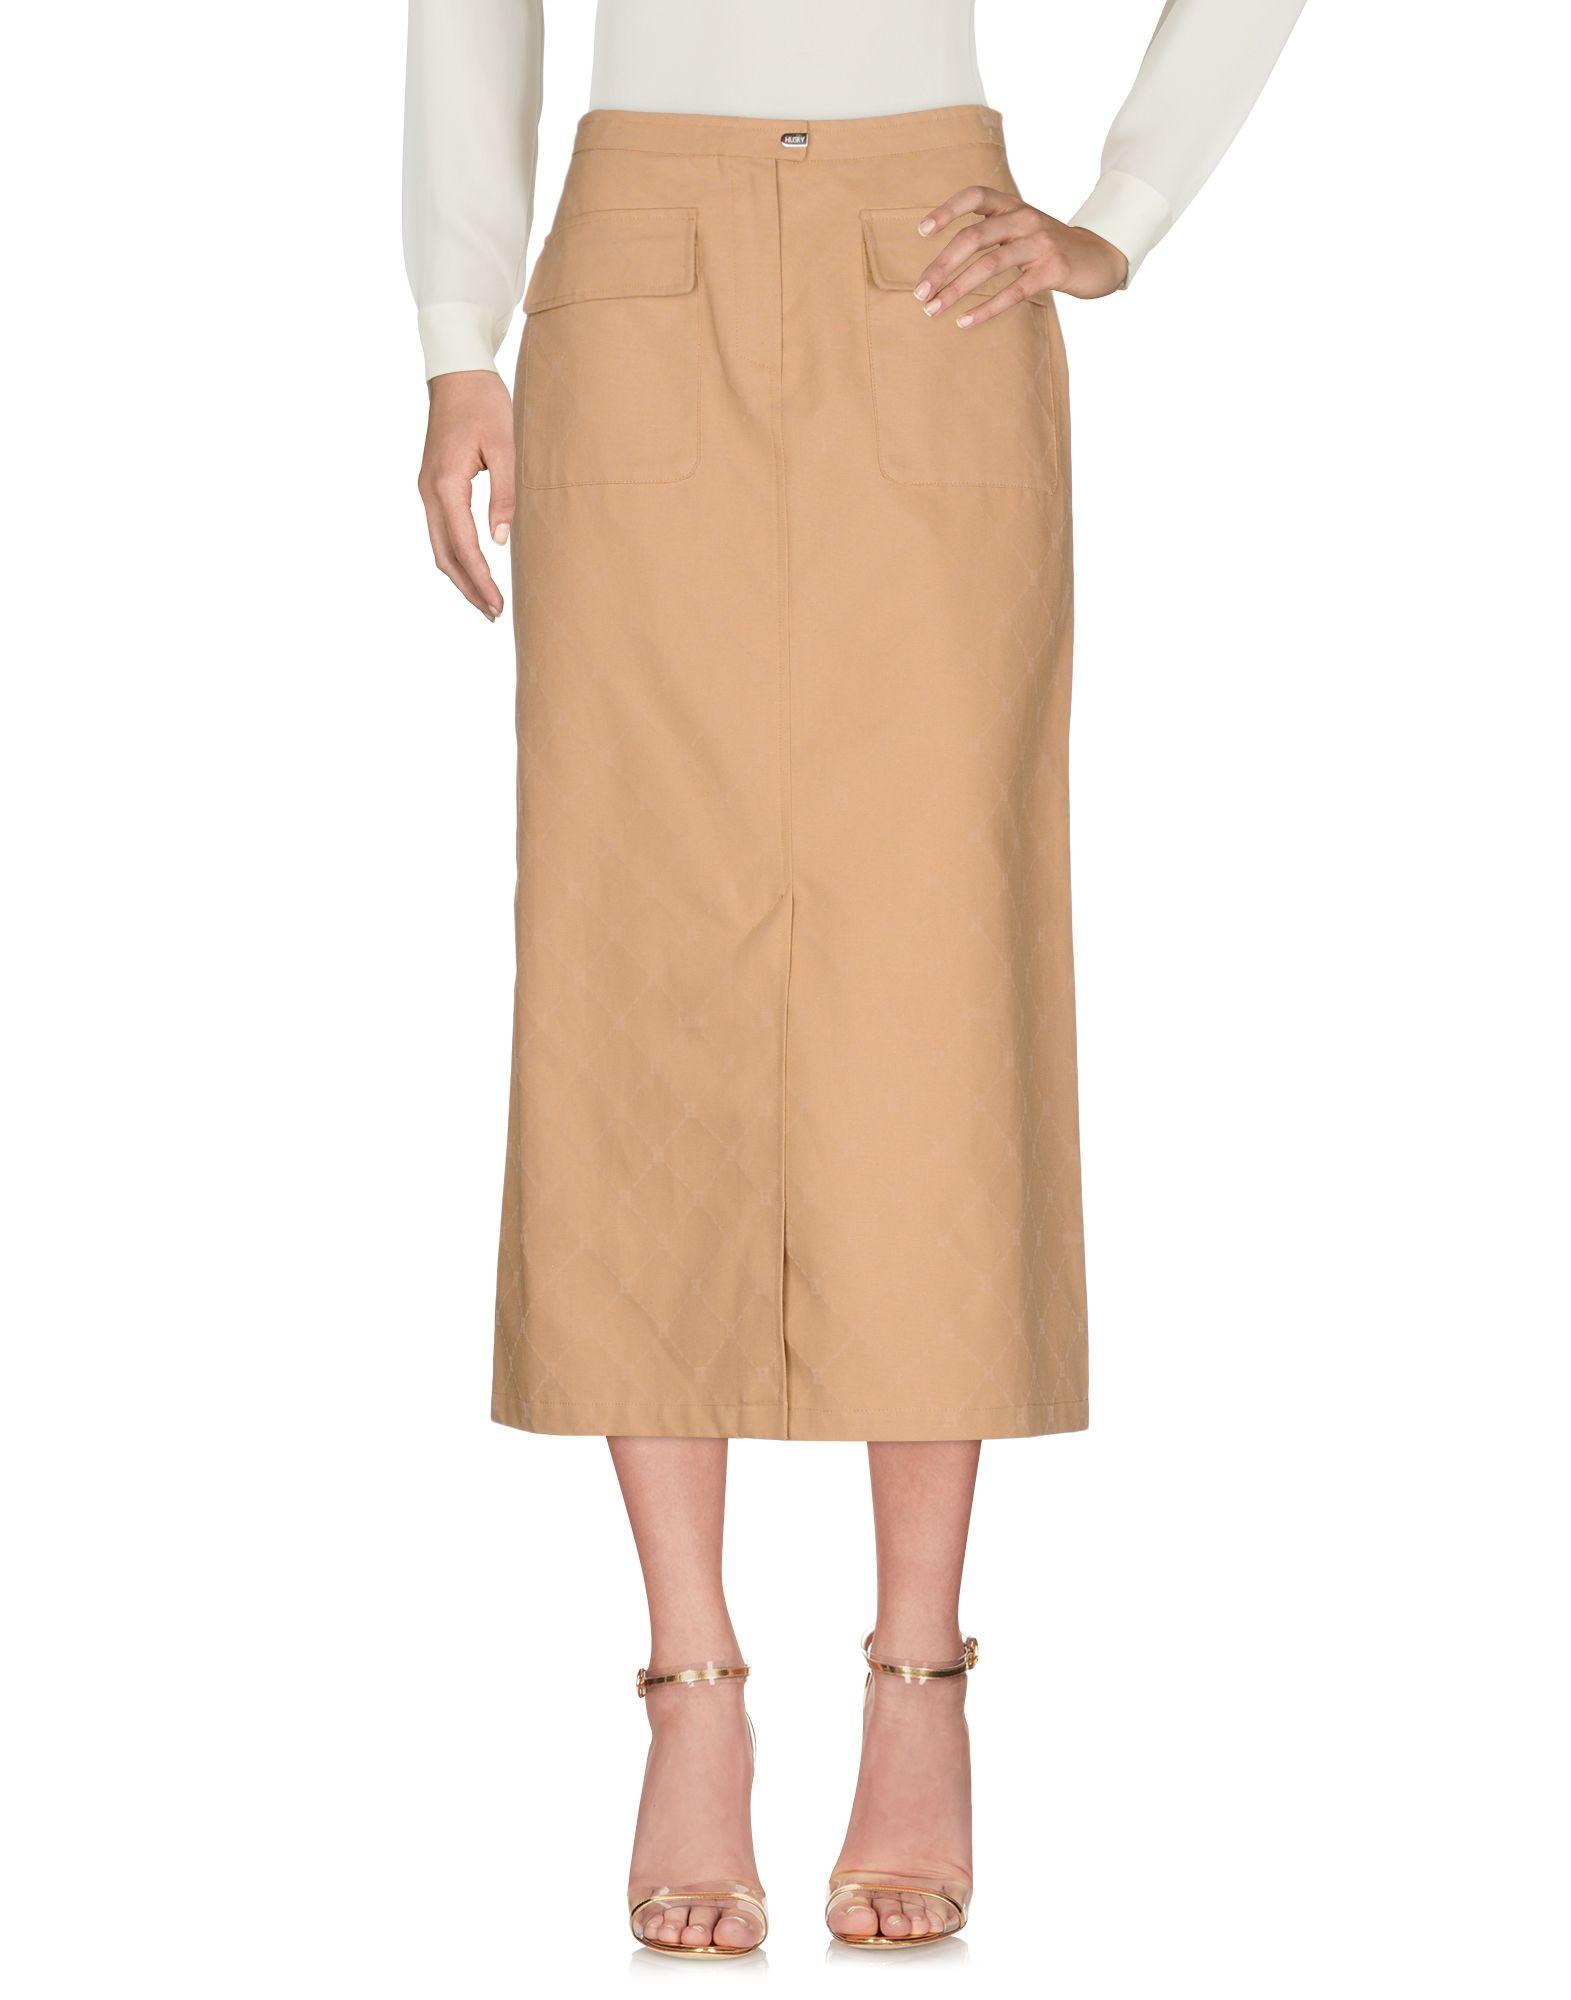 《送料無料》HUSKY レディース 7分丈スカート キャメル 42 コットン 100%